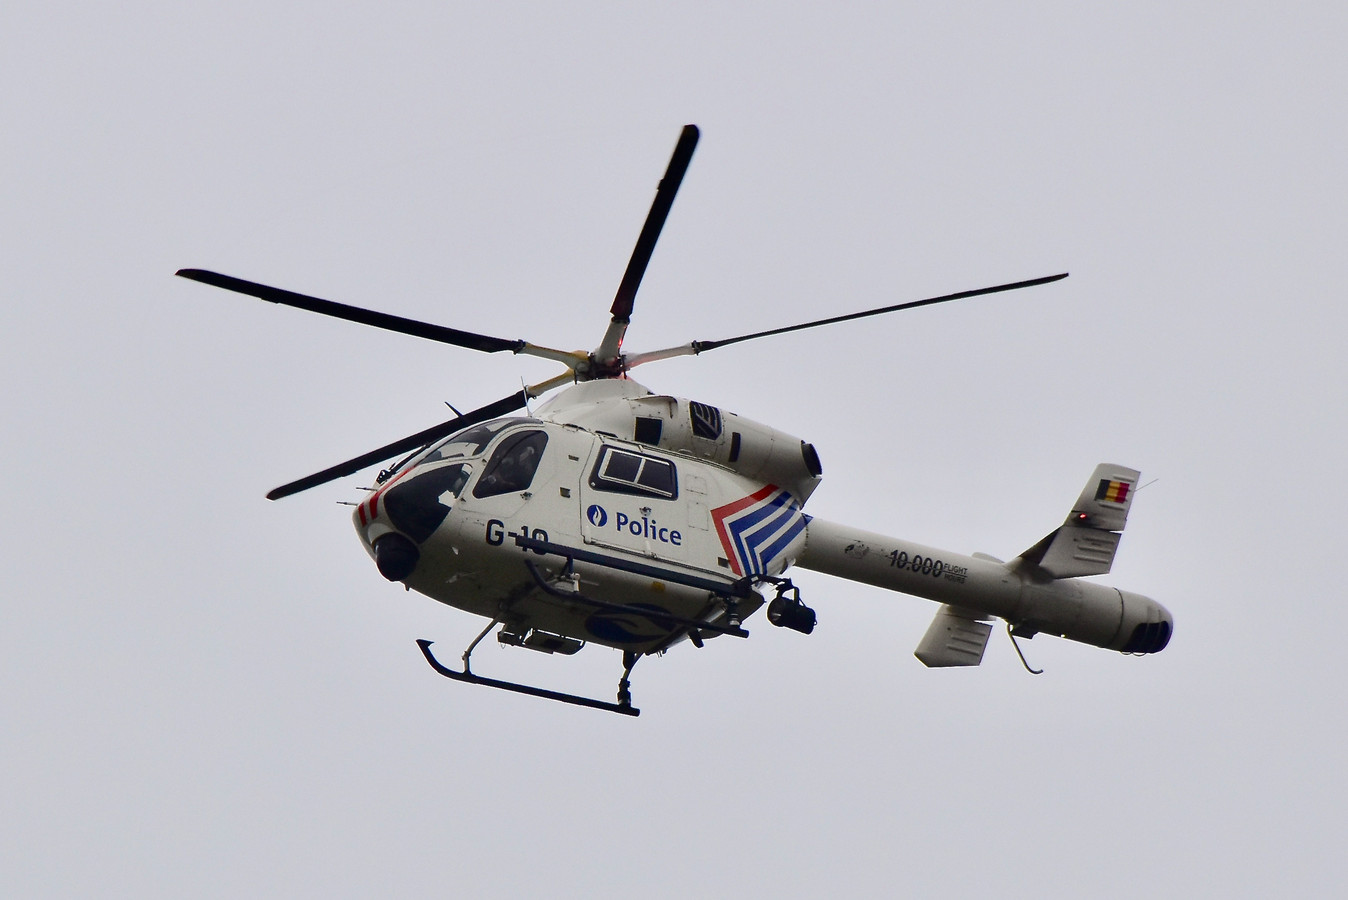 De politie schakelde de helikopter in om de ontsnapte gevangene op te sporen. (archieffoto)